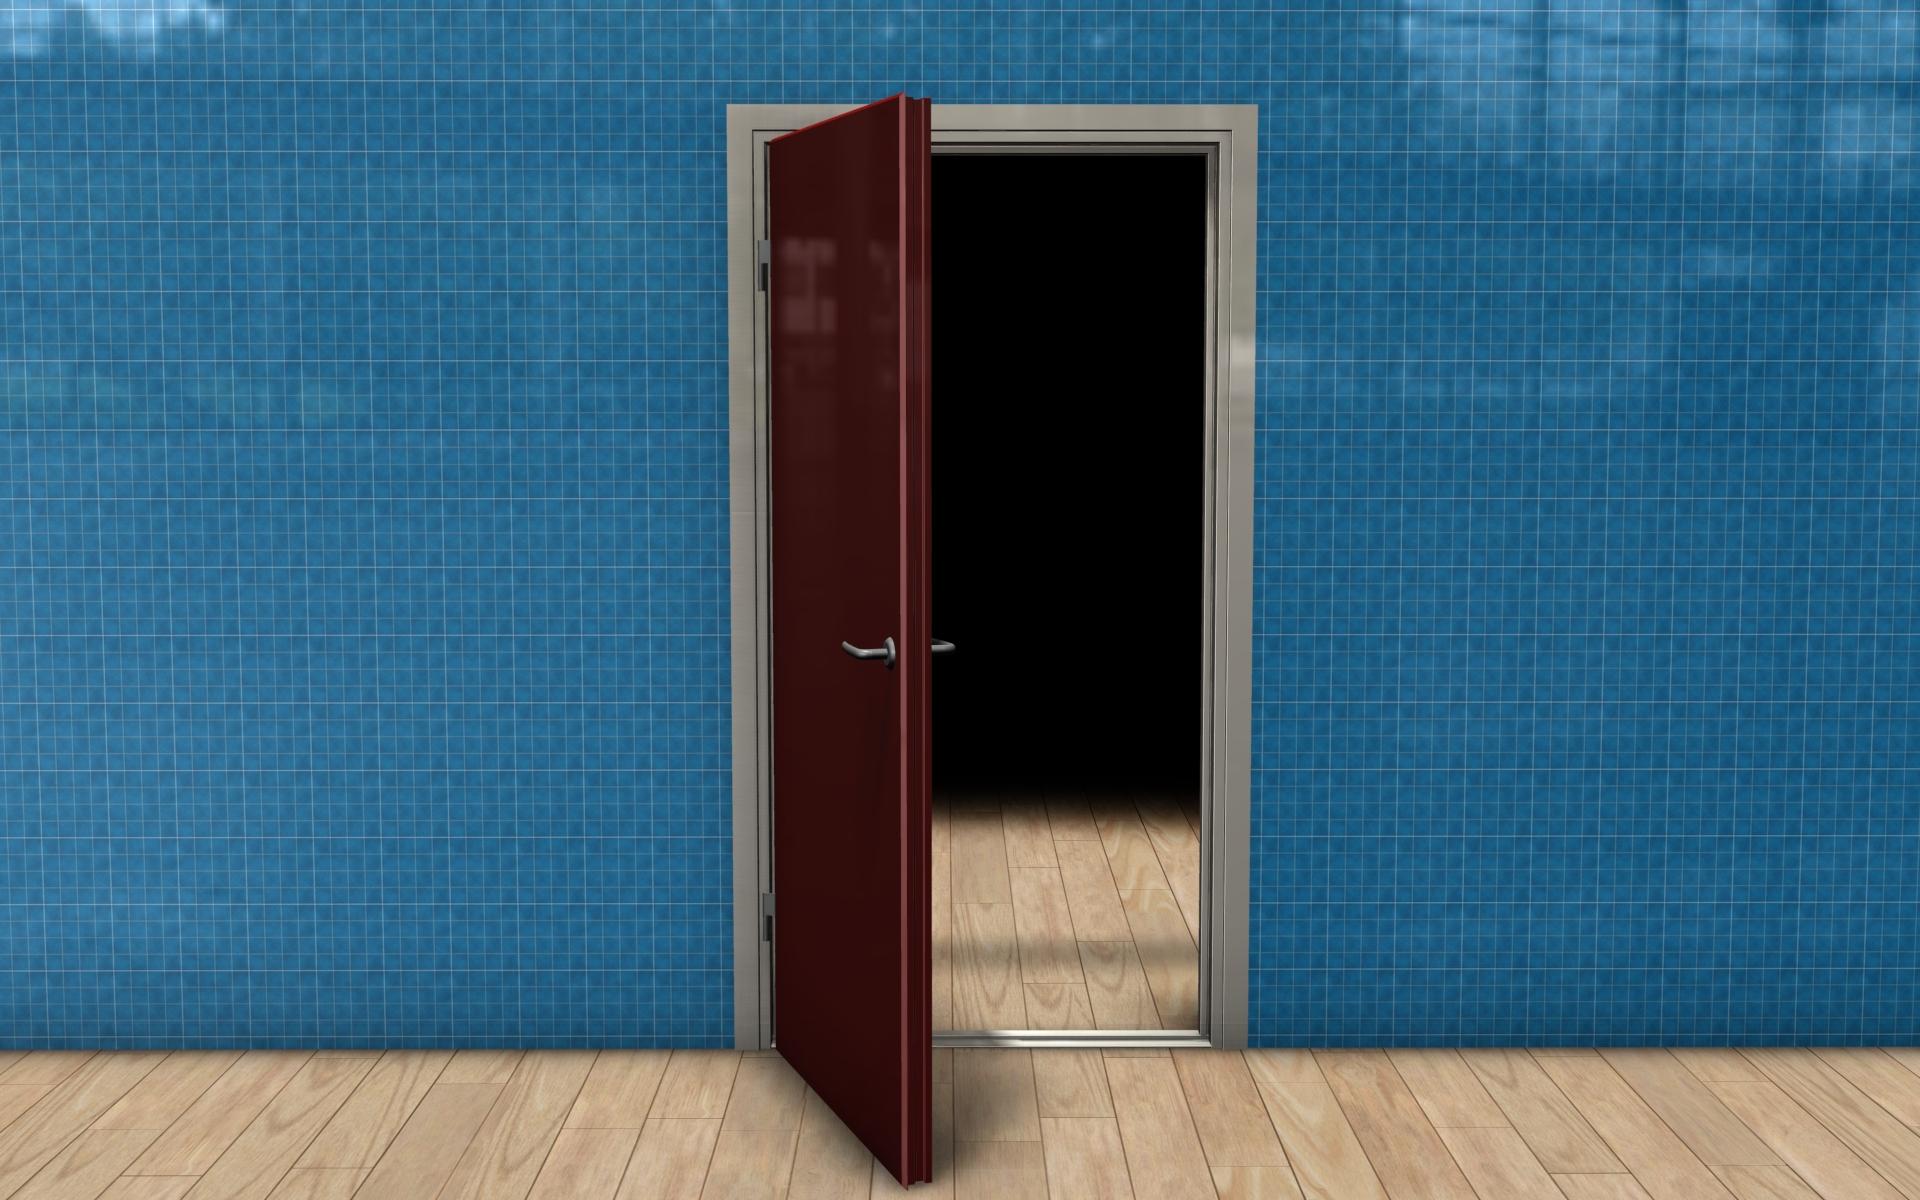 Blocos fp 3d porta residencial 3 3d blocos fabrica do for Porte 3d dwg